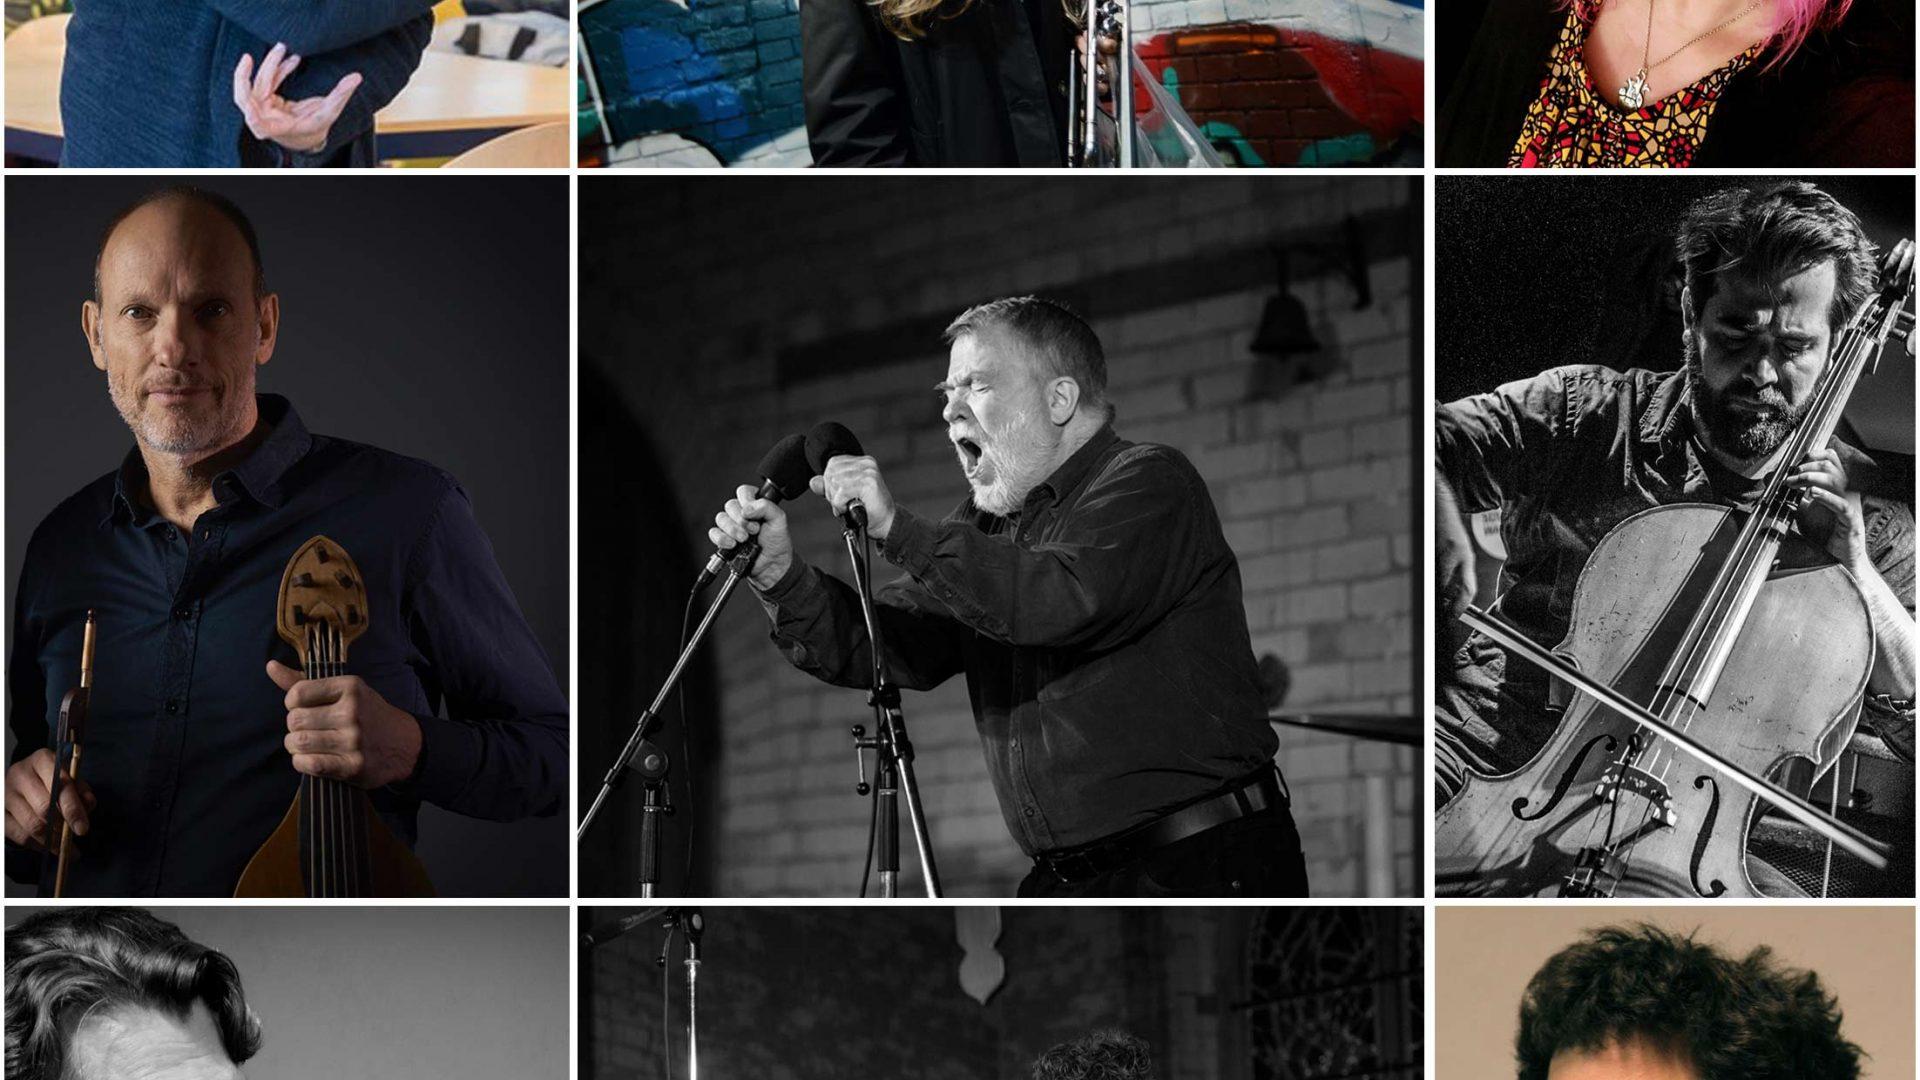 Lina Allemano, Christine Duncan, Anil Eraslan, Matthias Mainz, Albrecht Maurer, Joe Sorbara Samuel Stoll, Chris Tonelli, LOFT, Aurelaties, Paul Dutton